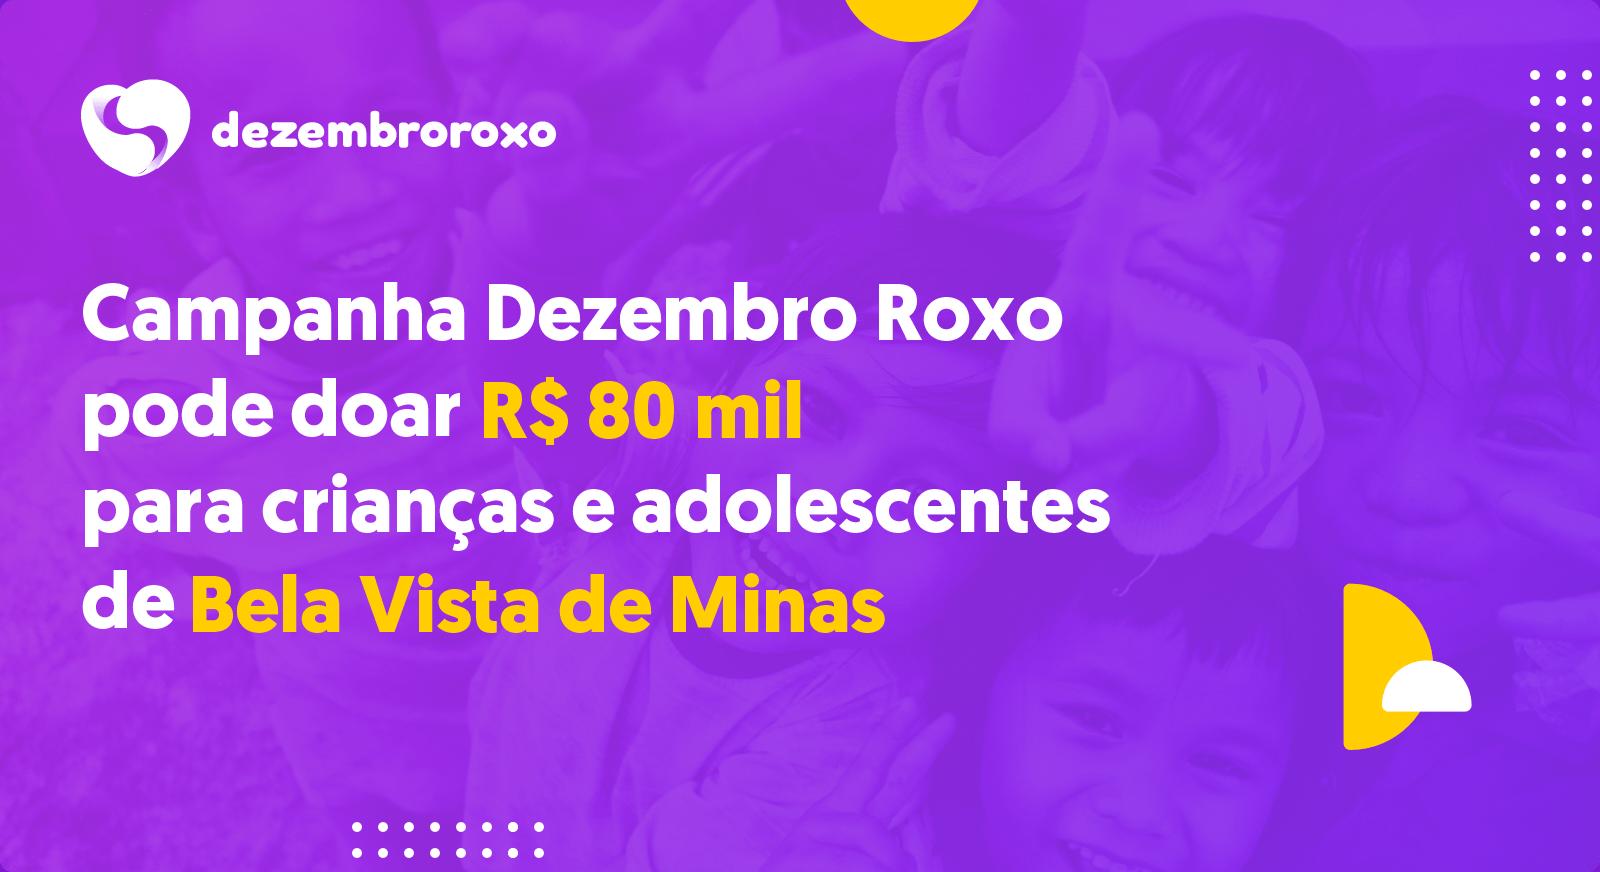 Doações em Bela Vista de Minas - MG